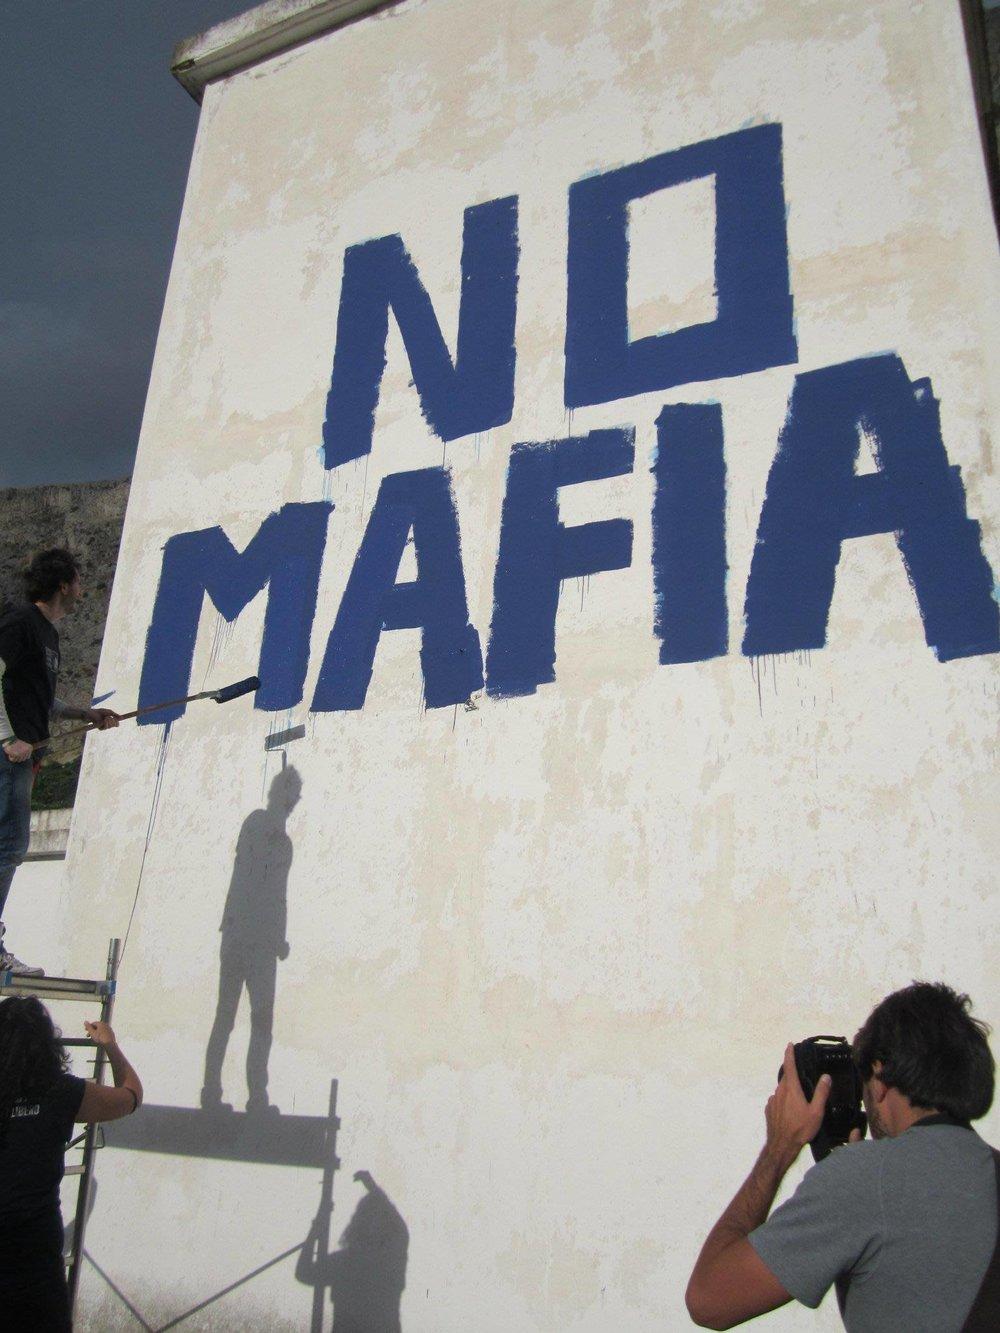 nomafia3.jpg